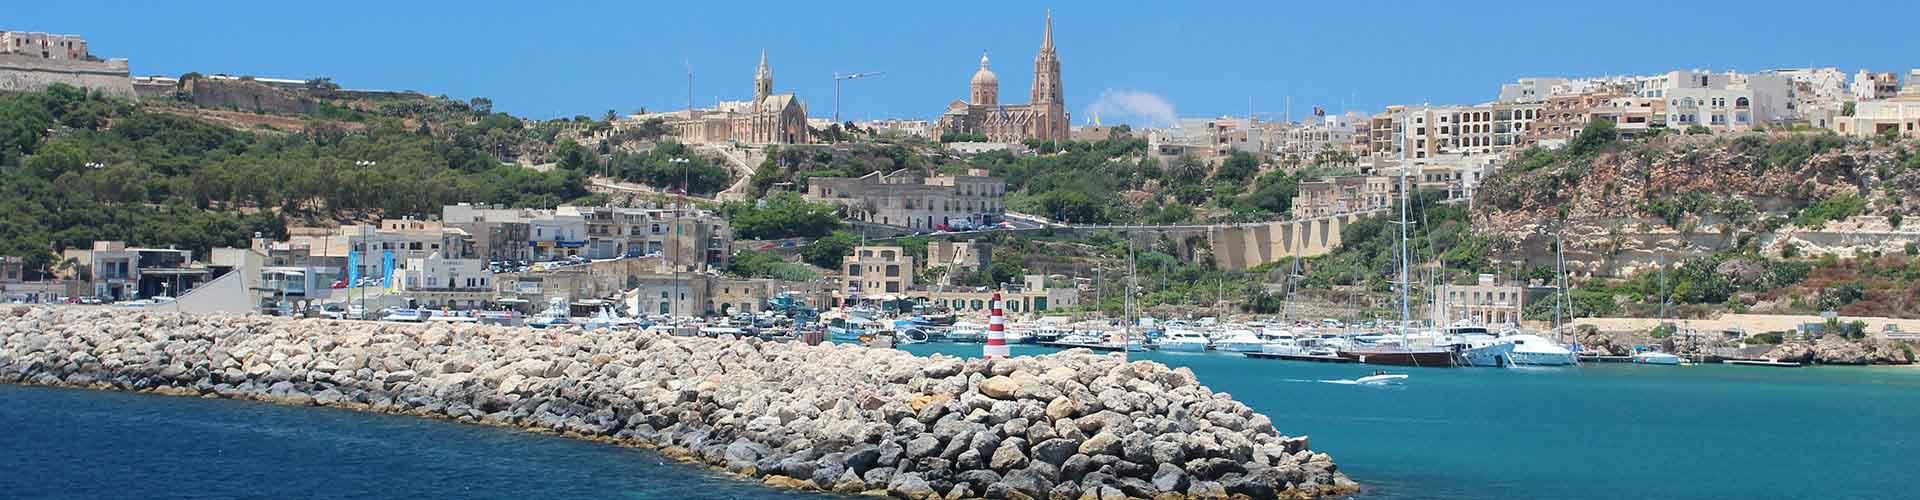 Gozo - Habitaciones en Gozo. Mapas de Gozo, Fotos y comentarios de cada Habitación en Gozo.